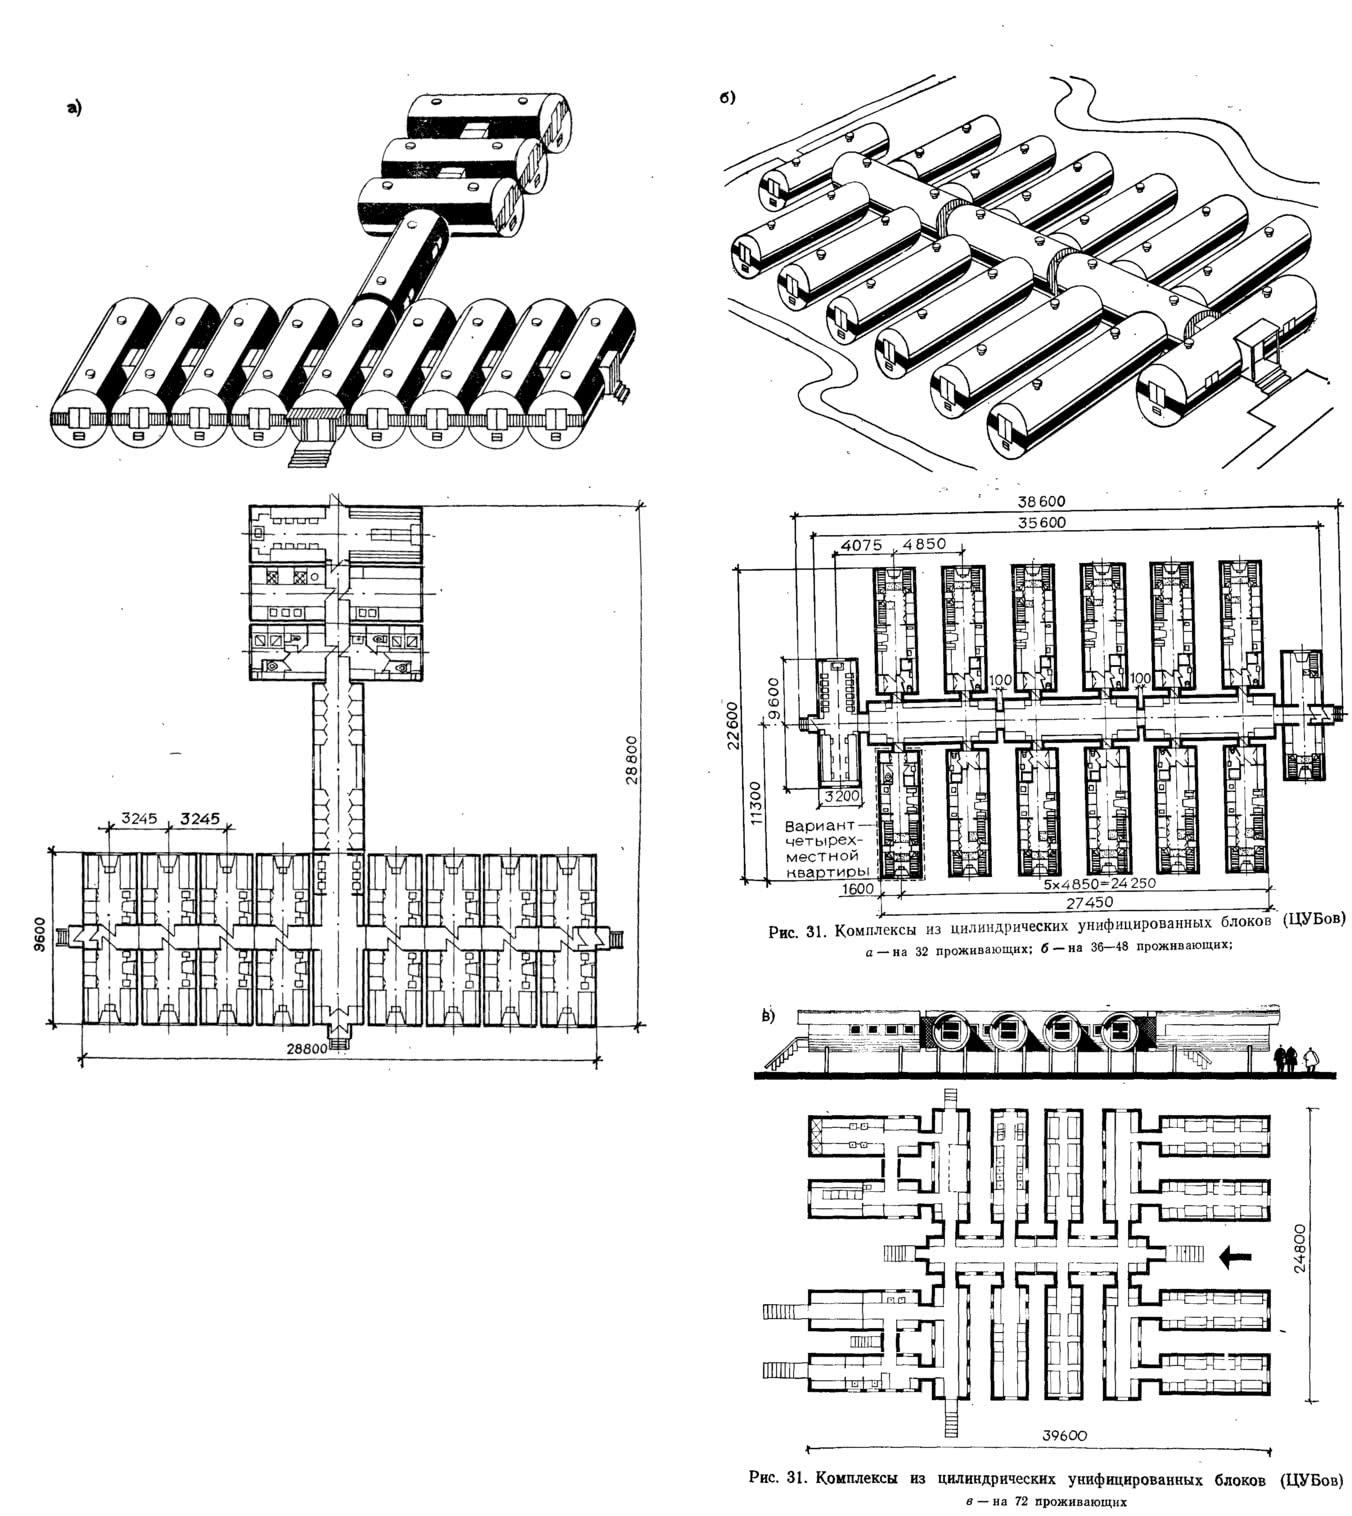 Рис. 31. Комплексы из цилиндрических унифицированных блоков (ЦУБов)